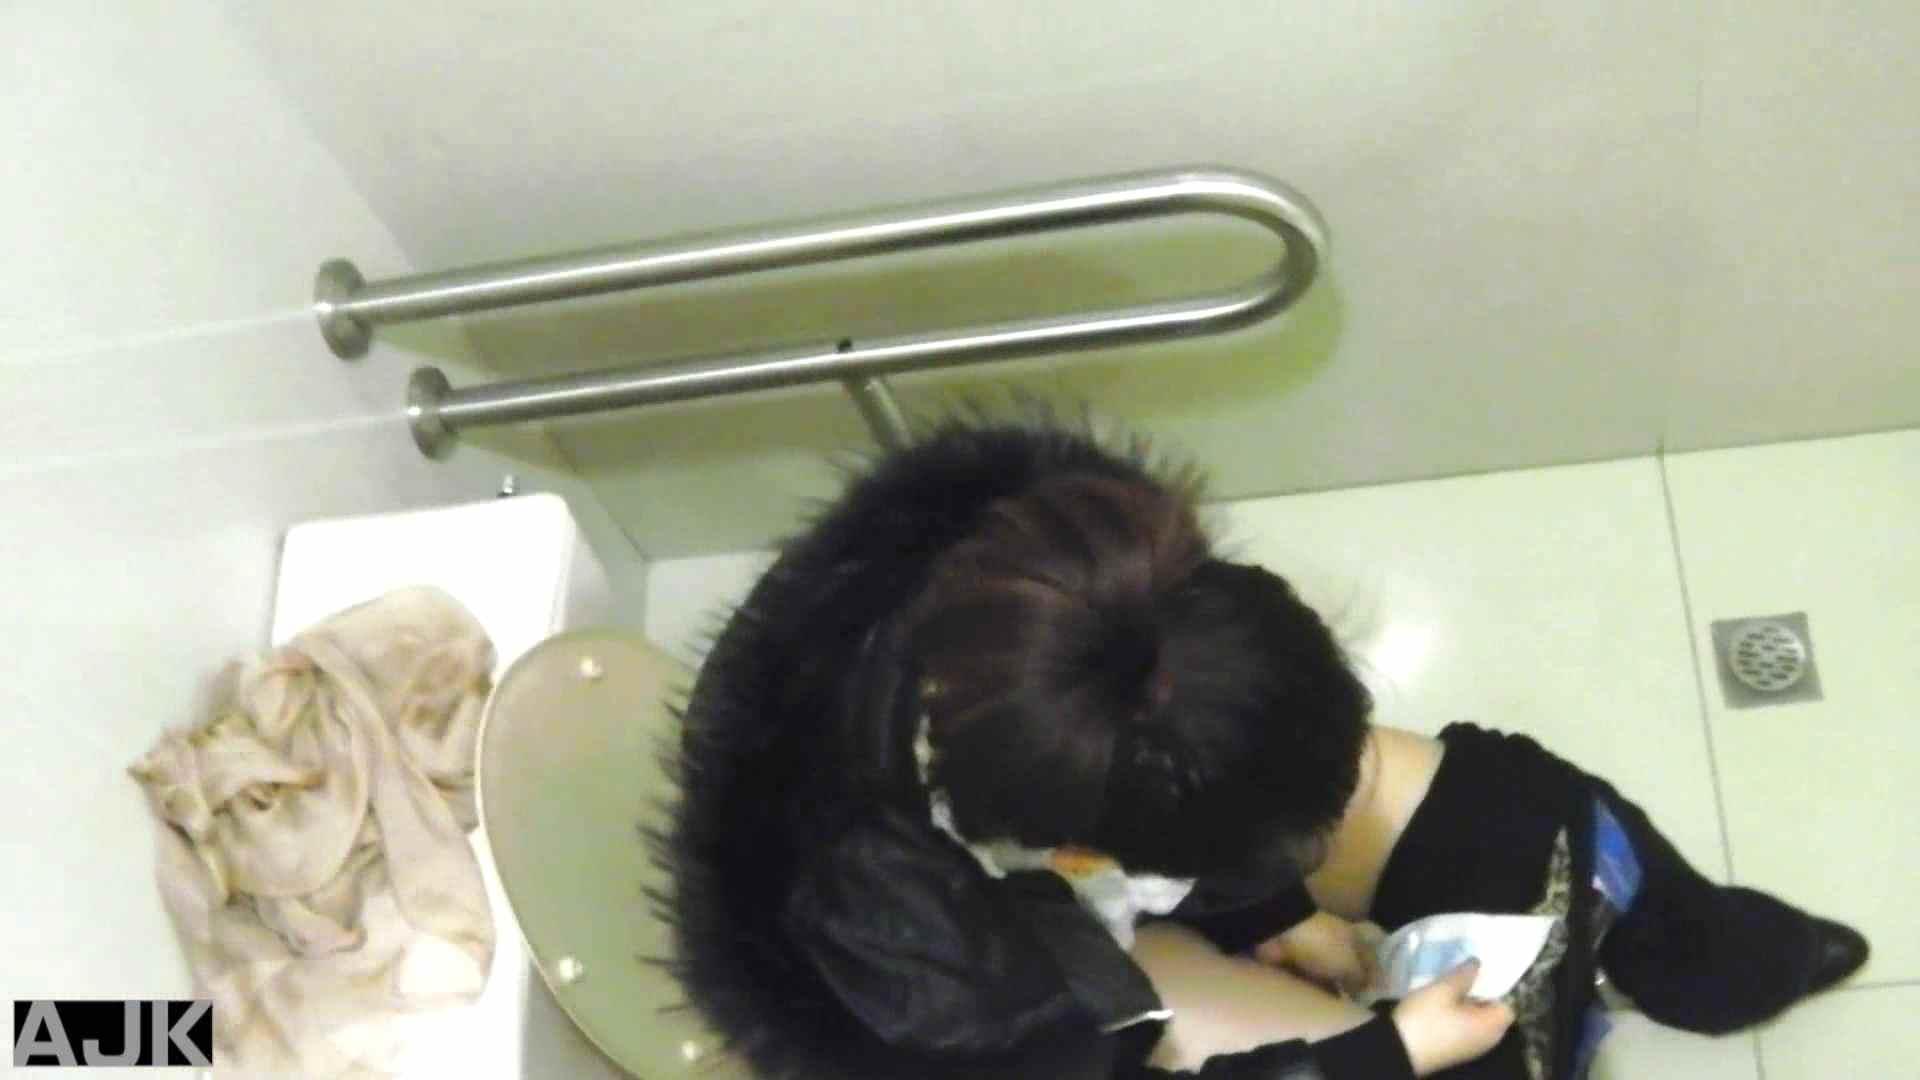 隣国上階級エリアの令嬢たちが集うデパートお手洗い Vol.19 HなOL | お手洗い  99pic 65